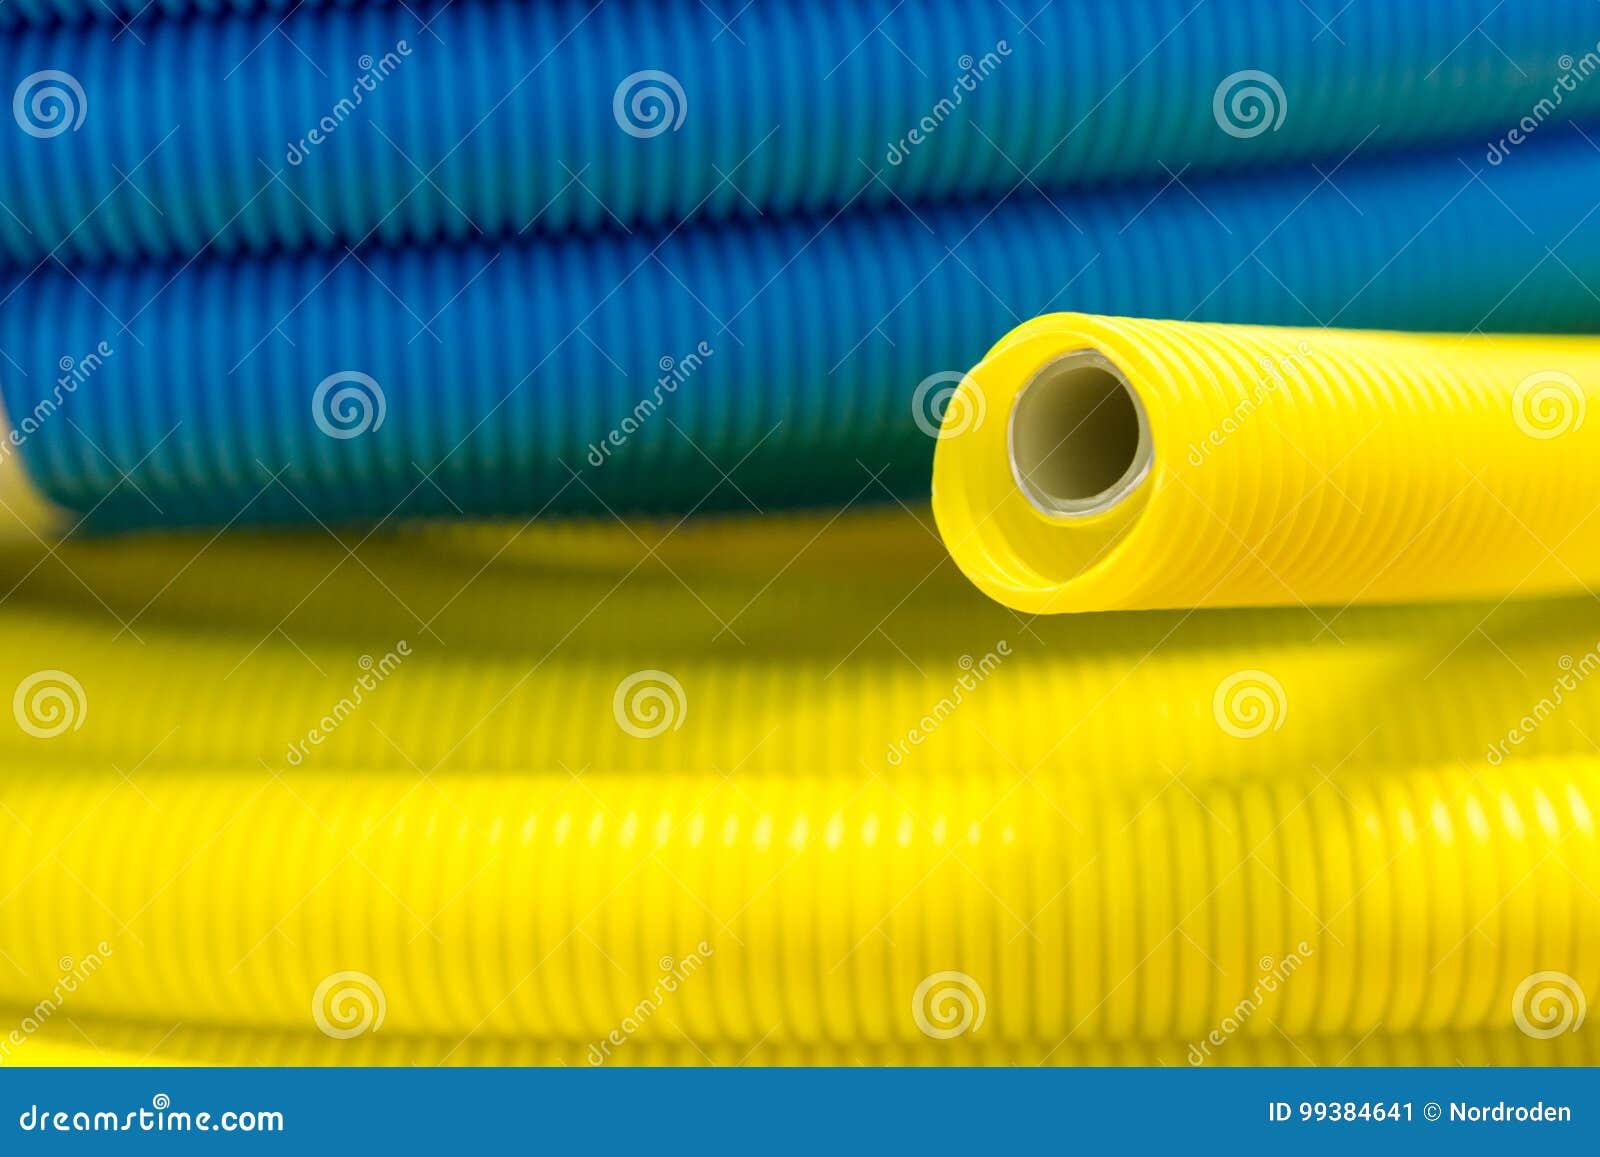 Gele en blauwe golf plastic buis